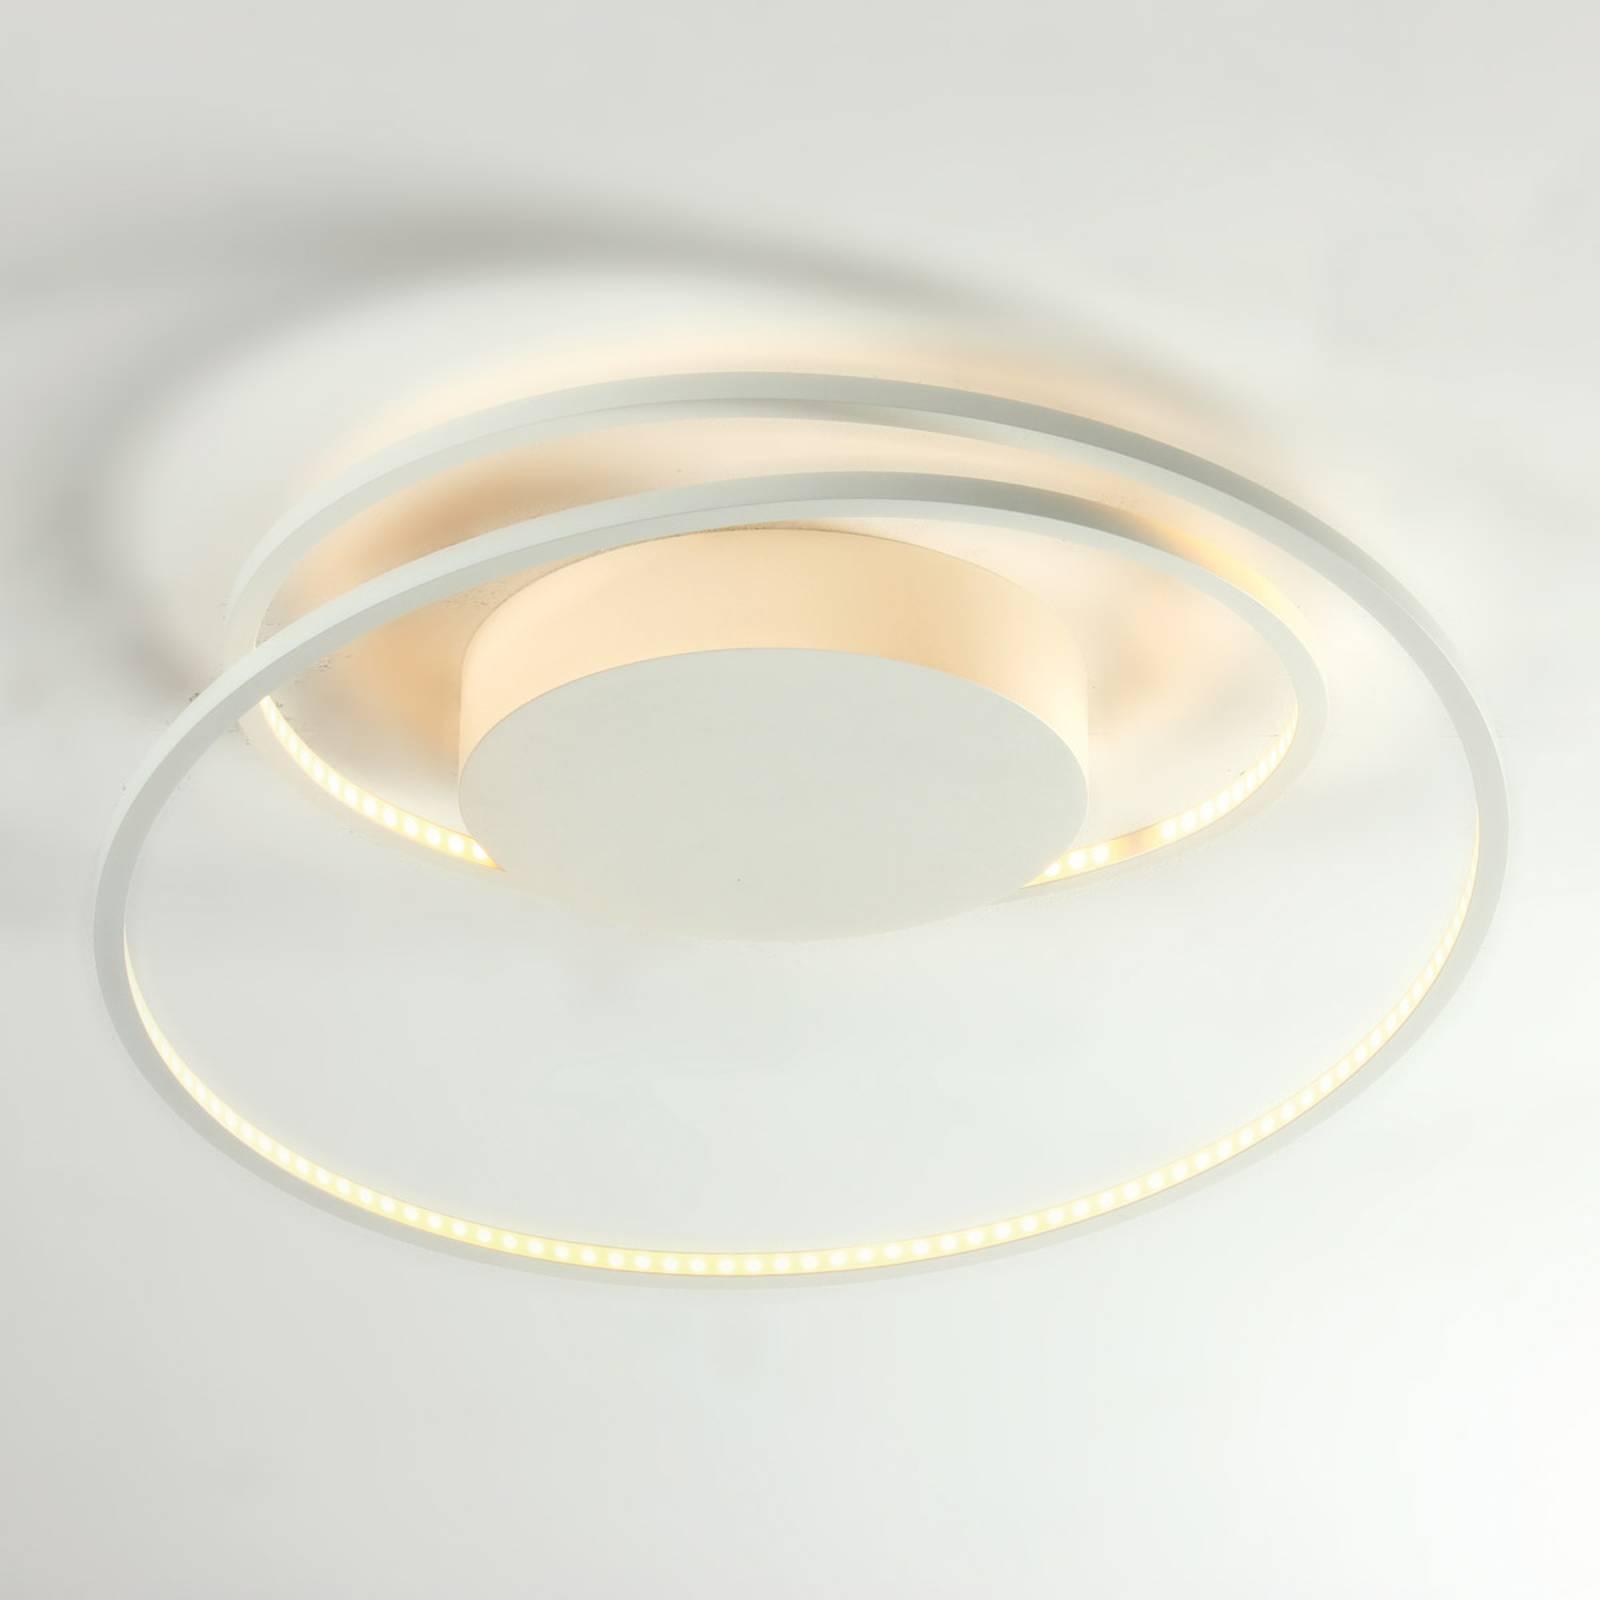 At - wyjątkowa lampa sufitowa LED, biała